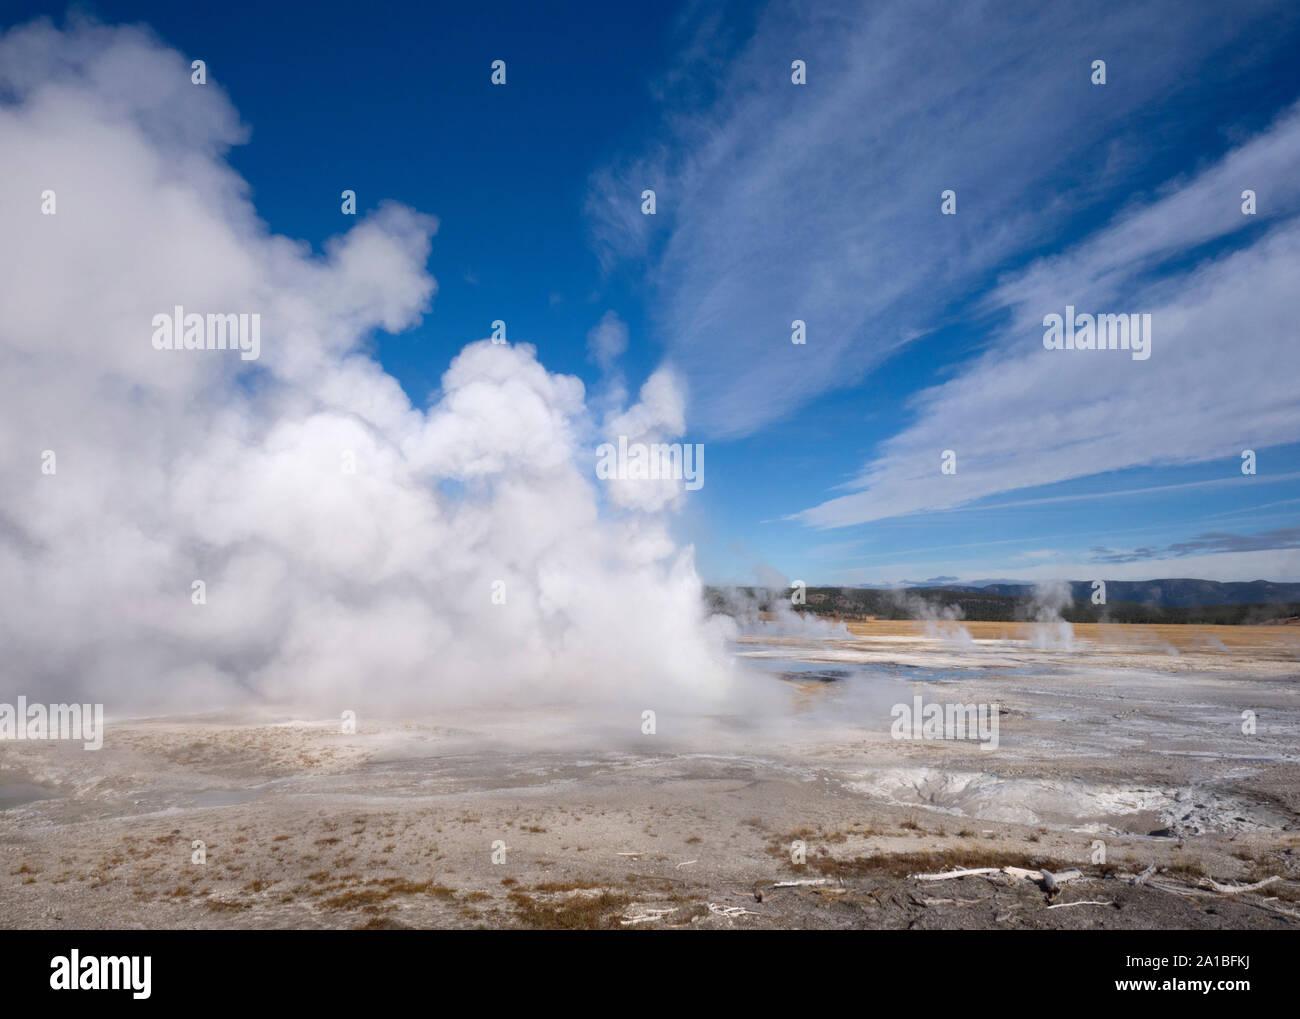 Hot Springs en erupción, Midway Geyser Basin, el Parque Nacional Yellowstone, Wyoming, EE.UU. Foto de stock